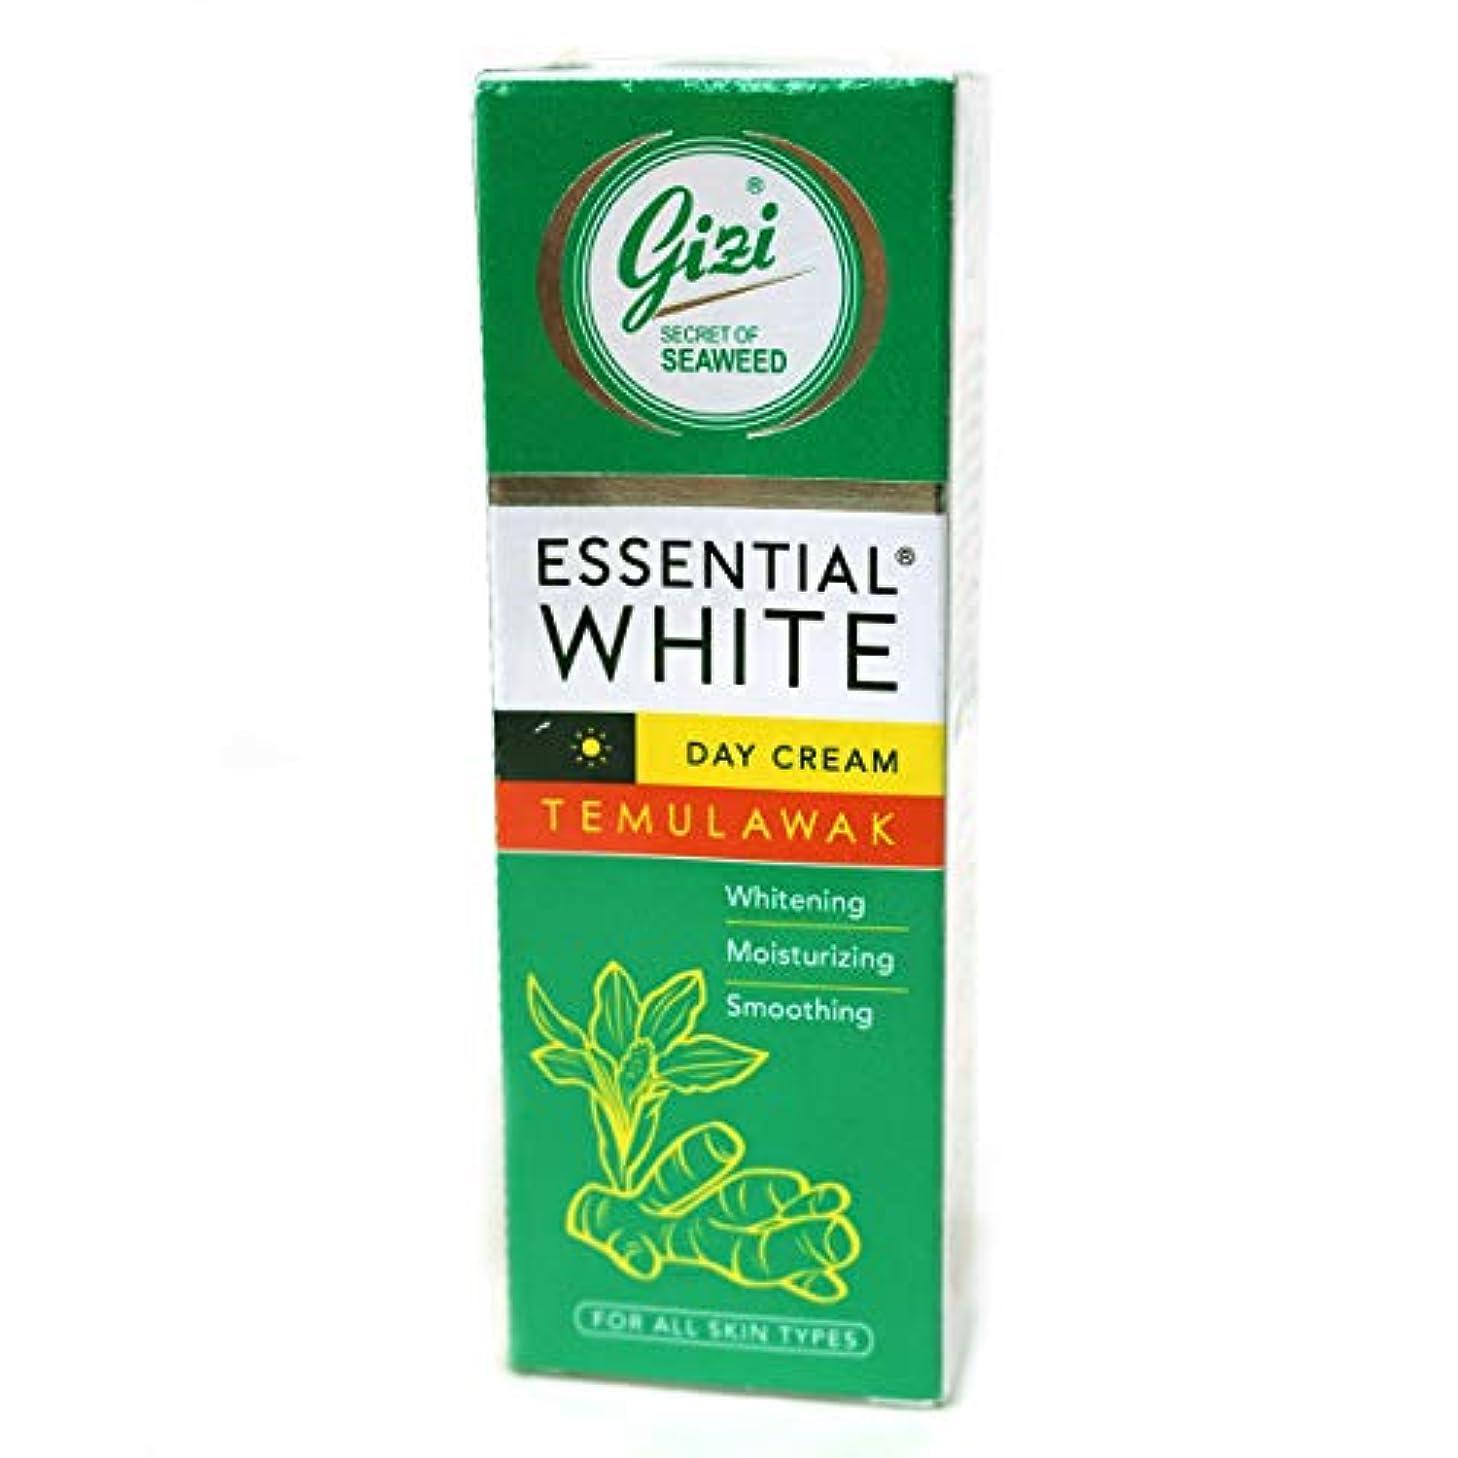 大使館桃ラフトギジ gizi Essential White 日中用スキンケアクリーム チューブタイプ 18g テムラワク ウコン など天然成分配合 [海外直送品]